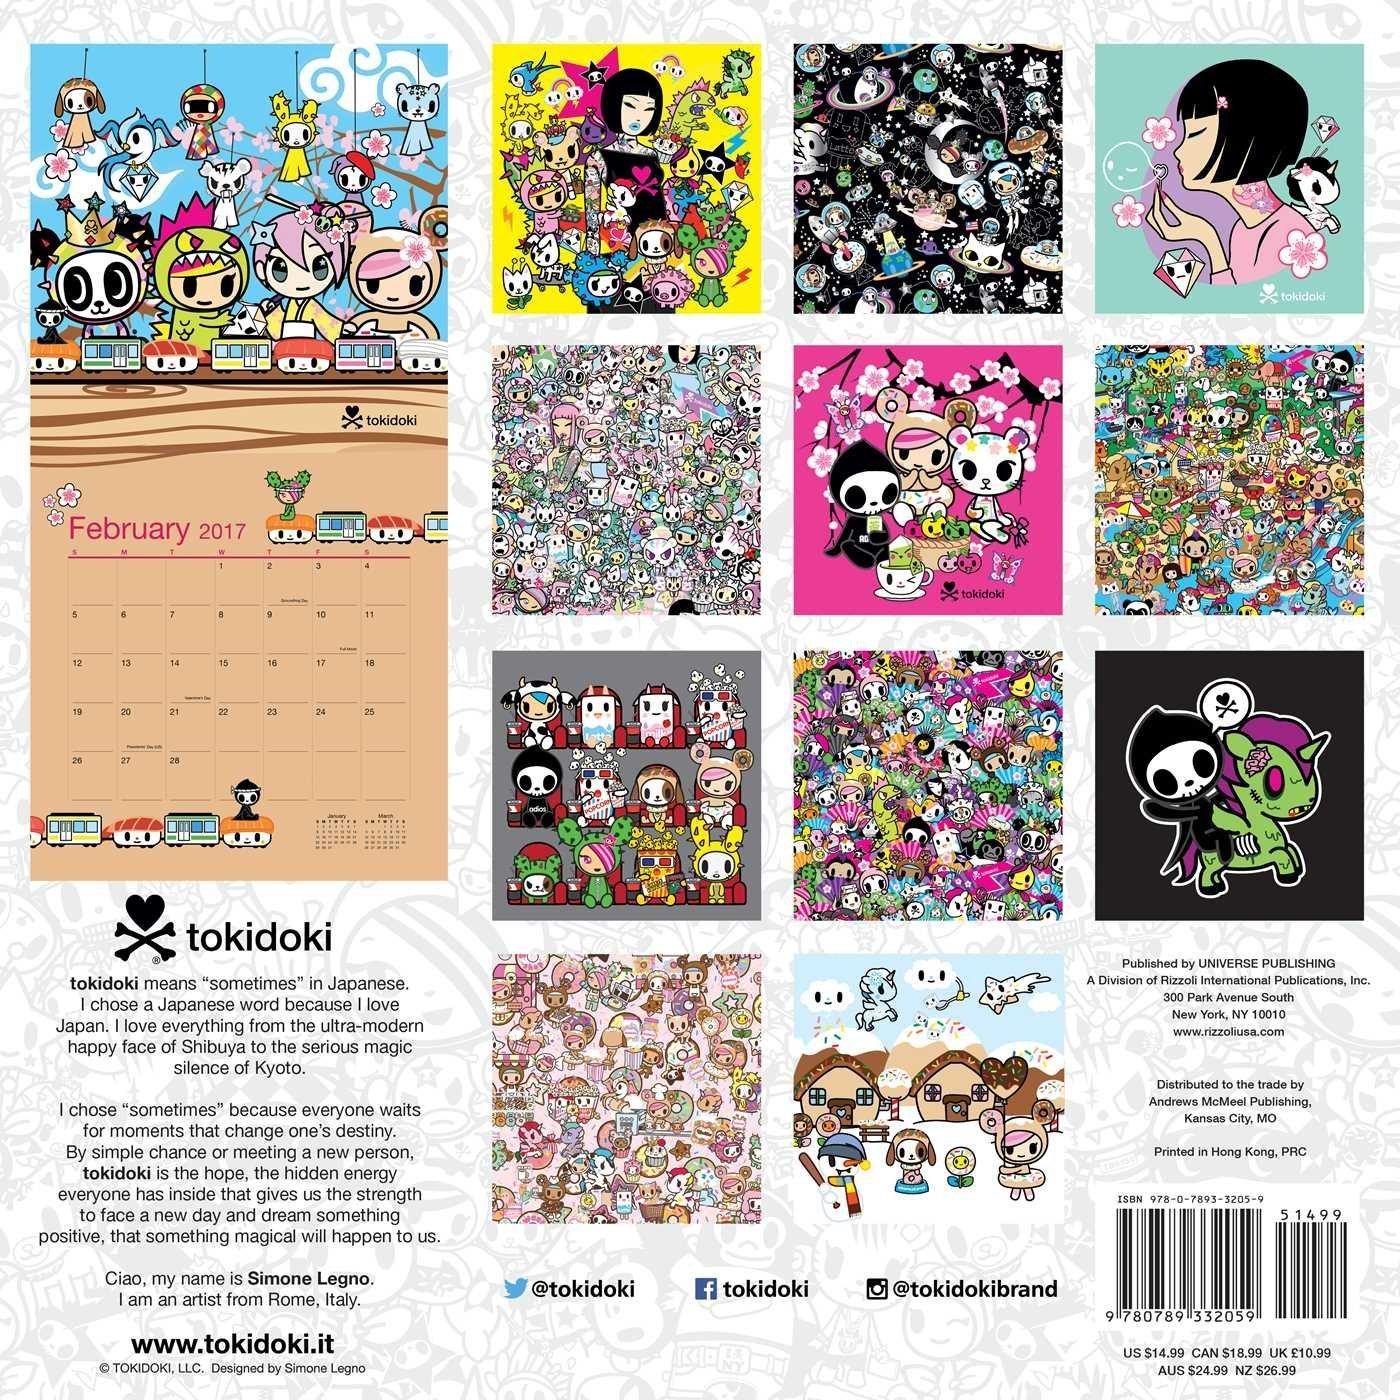 tokidoki 2017 Wall Calendar Simone Legno 0676728032052 Amazon